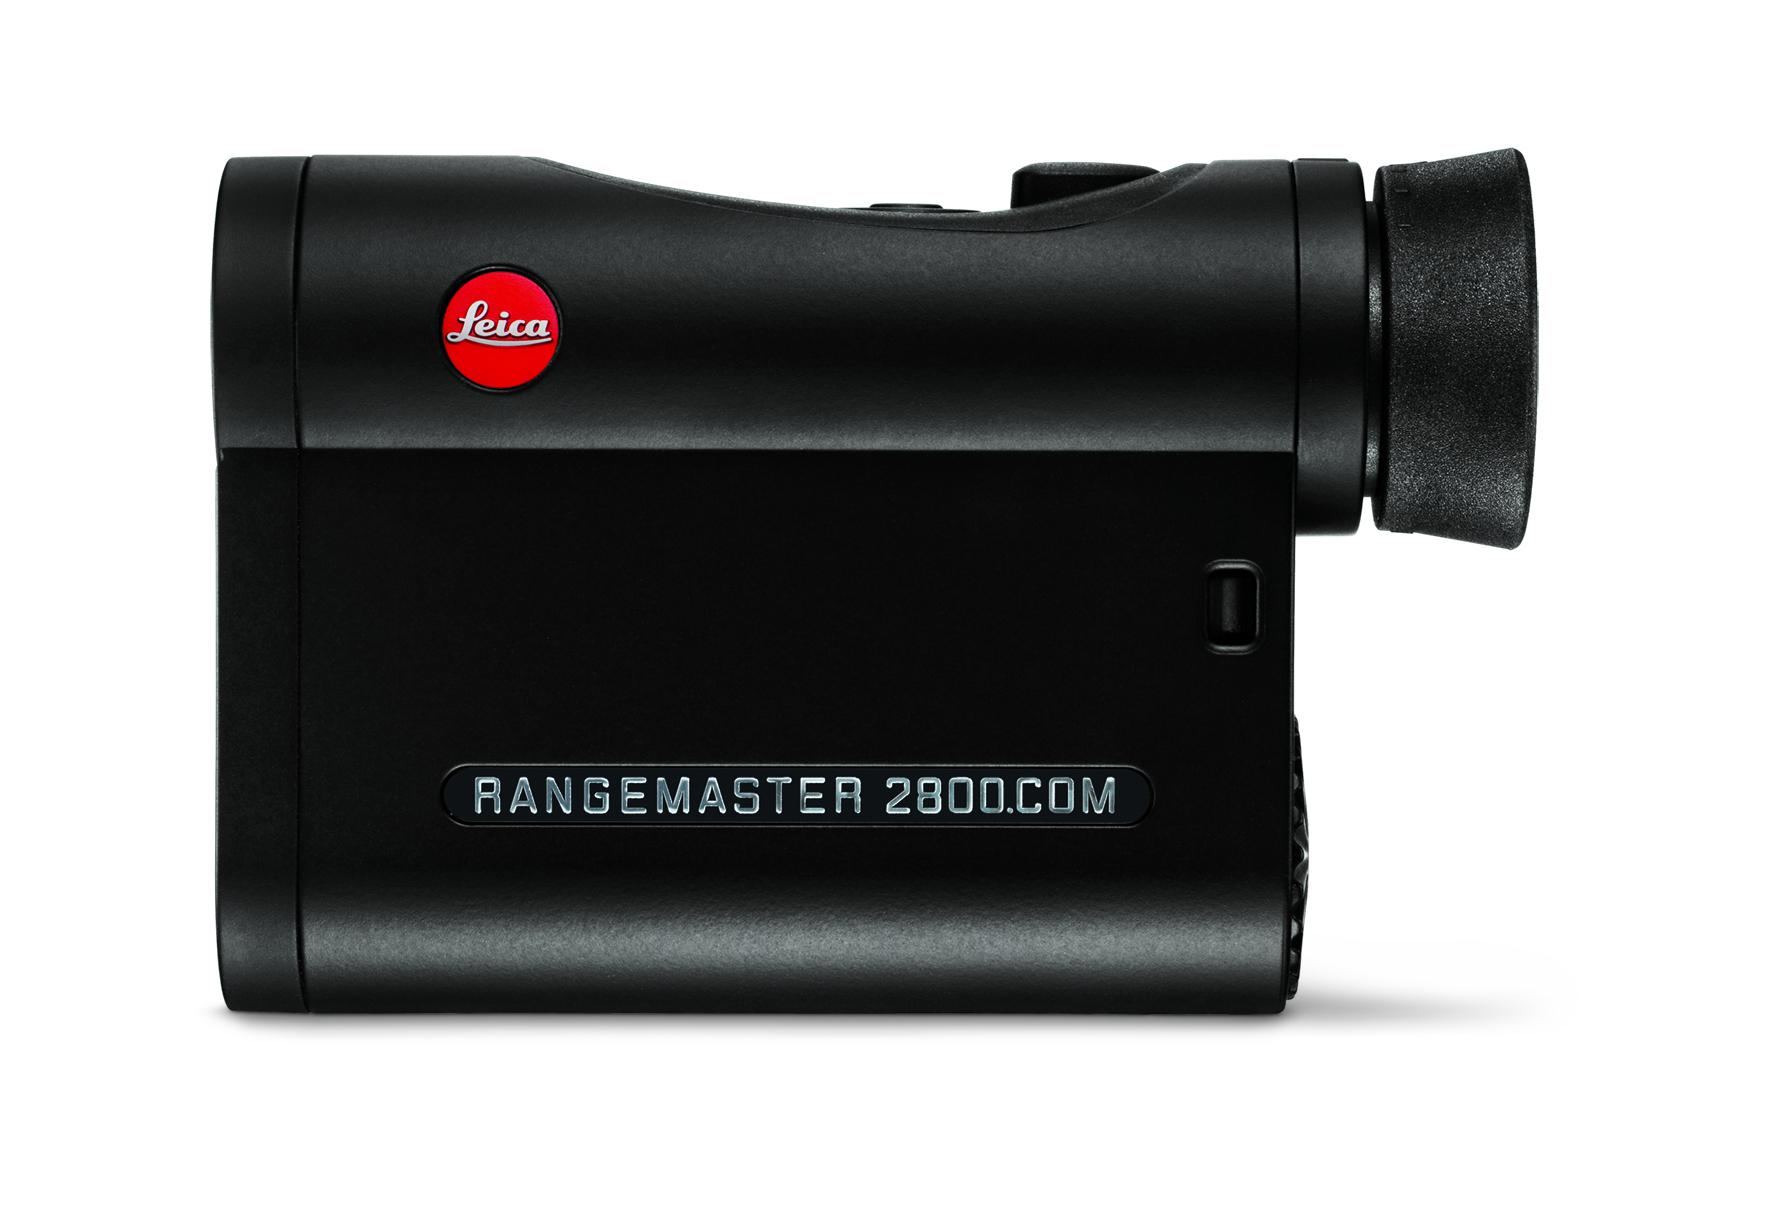 Leica rangemaster crf titanium gunworks